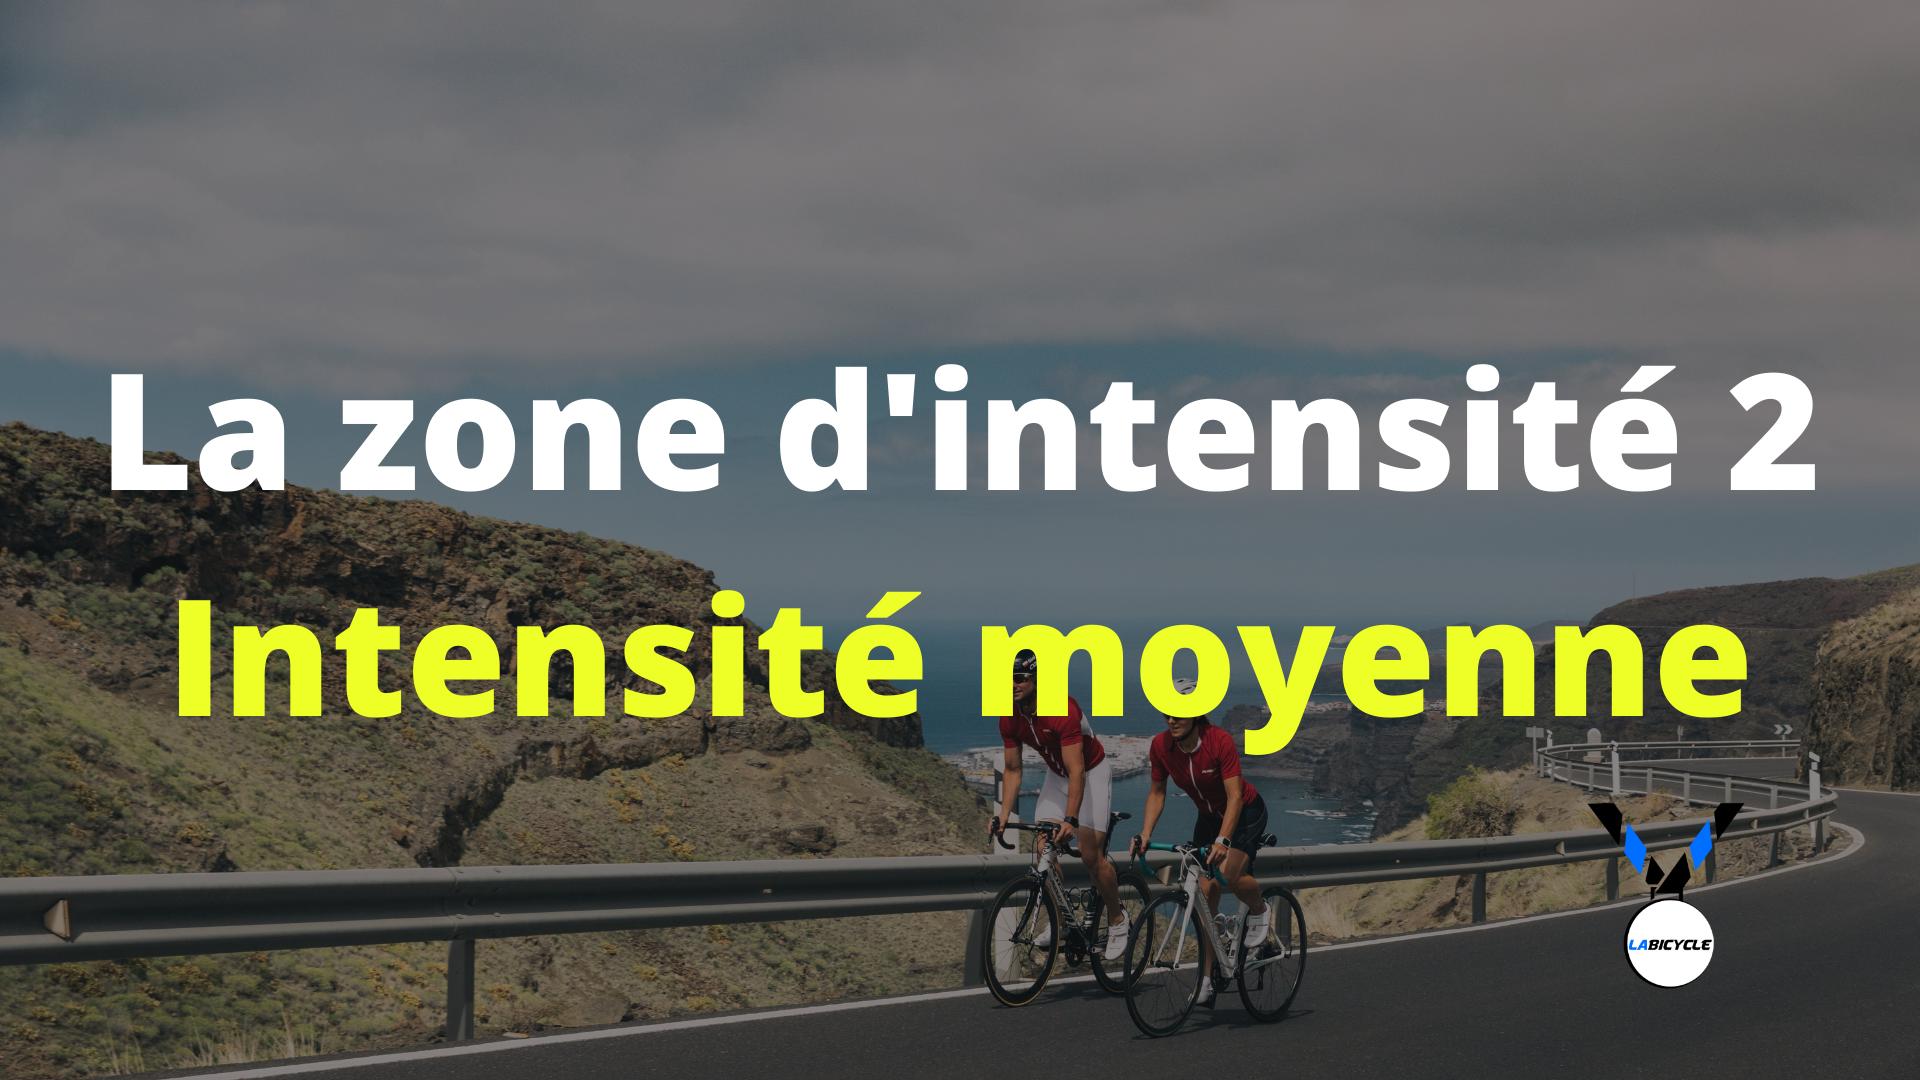 Zone d'intensité 2 vélo : Intensité moyenne